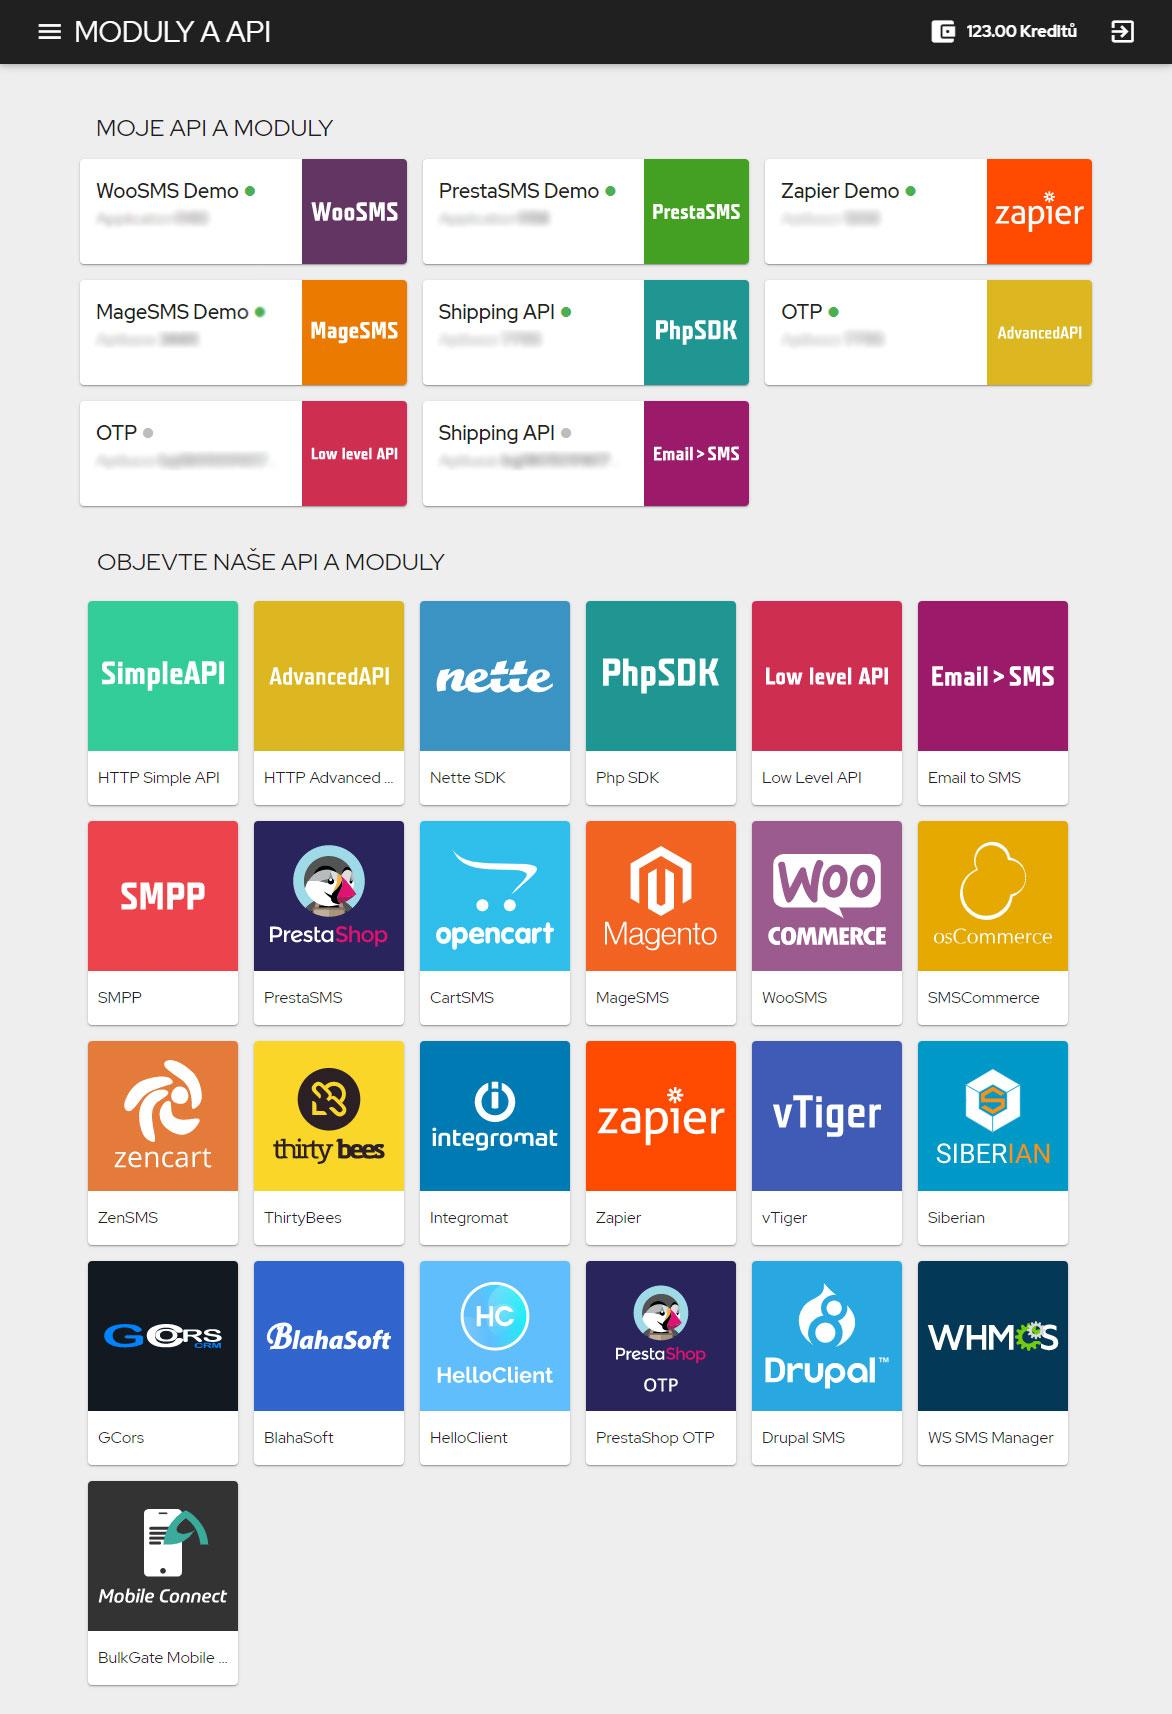 Web Portál API a Moduly